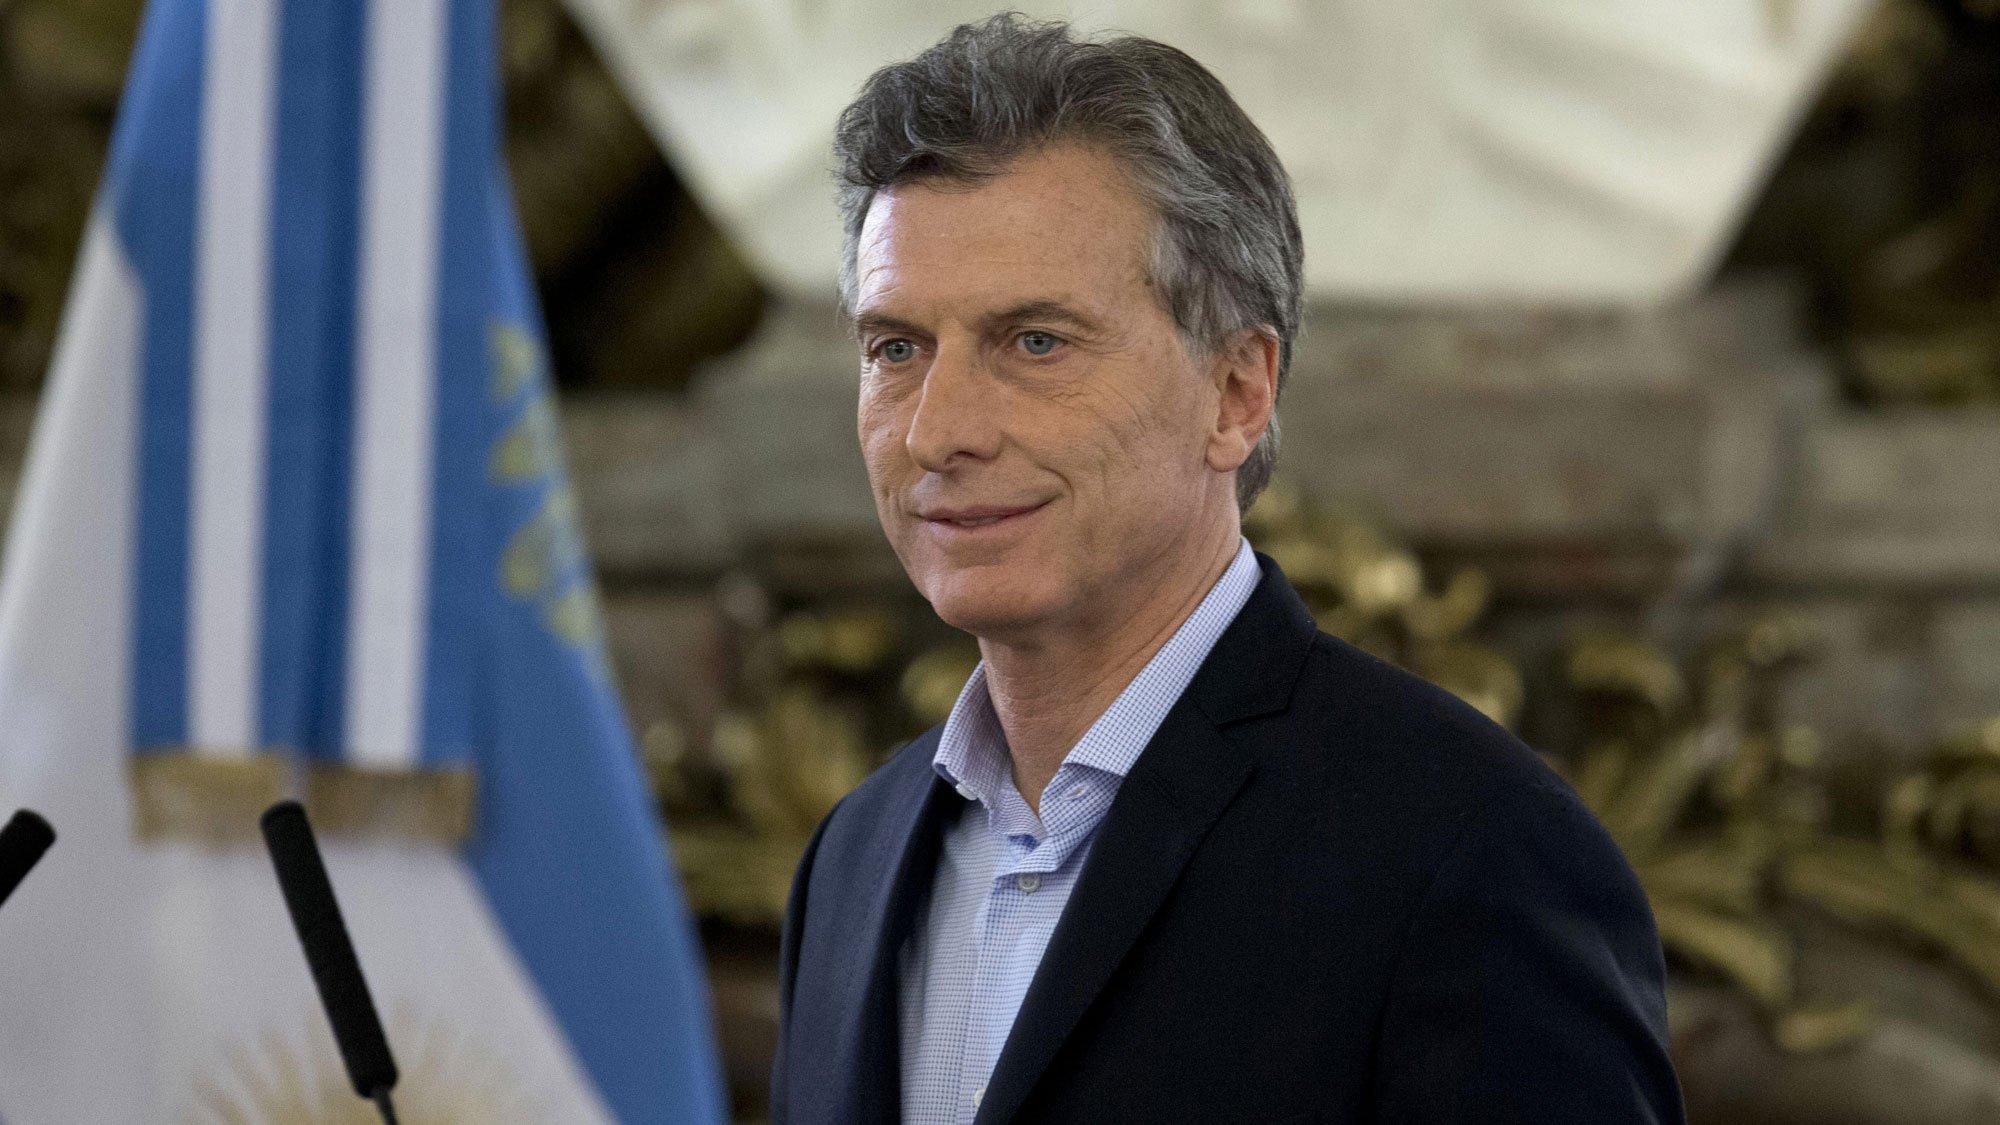 La coalición de Macri gana en la provincia de Mendoza pero ha perdido en 13 provincias, de un total de 16